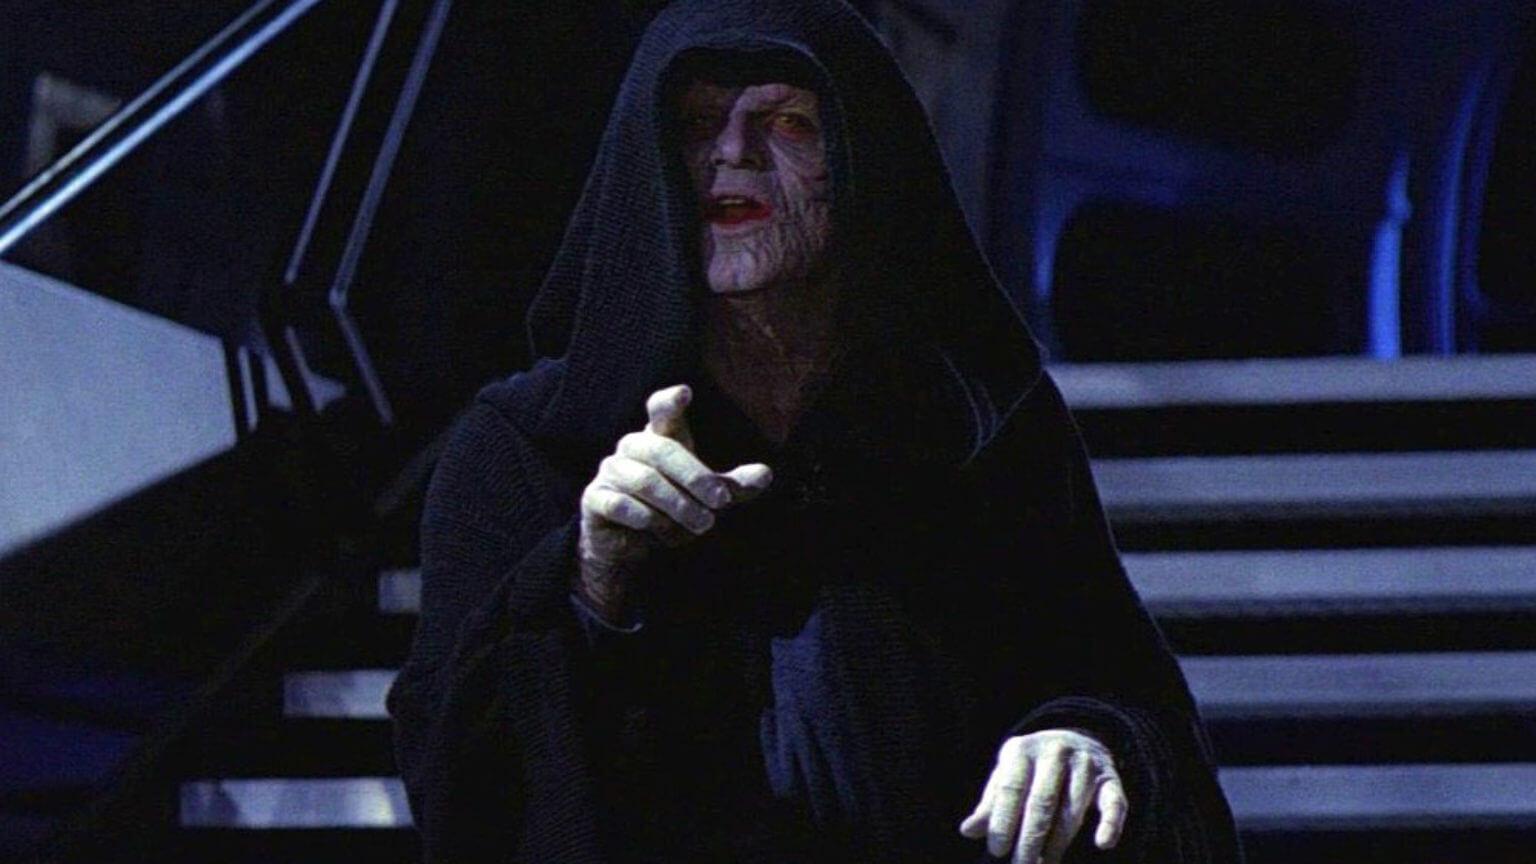 西斯大帝歸來!盧卡斯影業早就計畫讓「白卜庭」於《STAR WARS : 天行者的崛起》回歸首圖